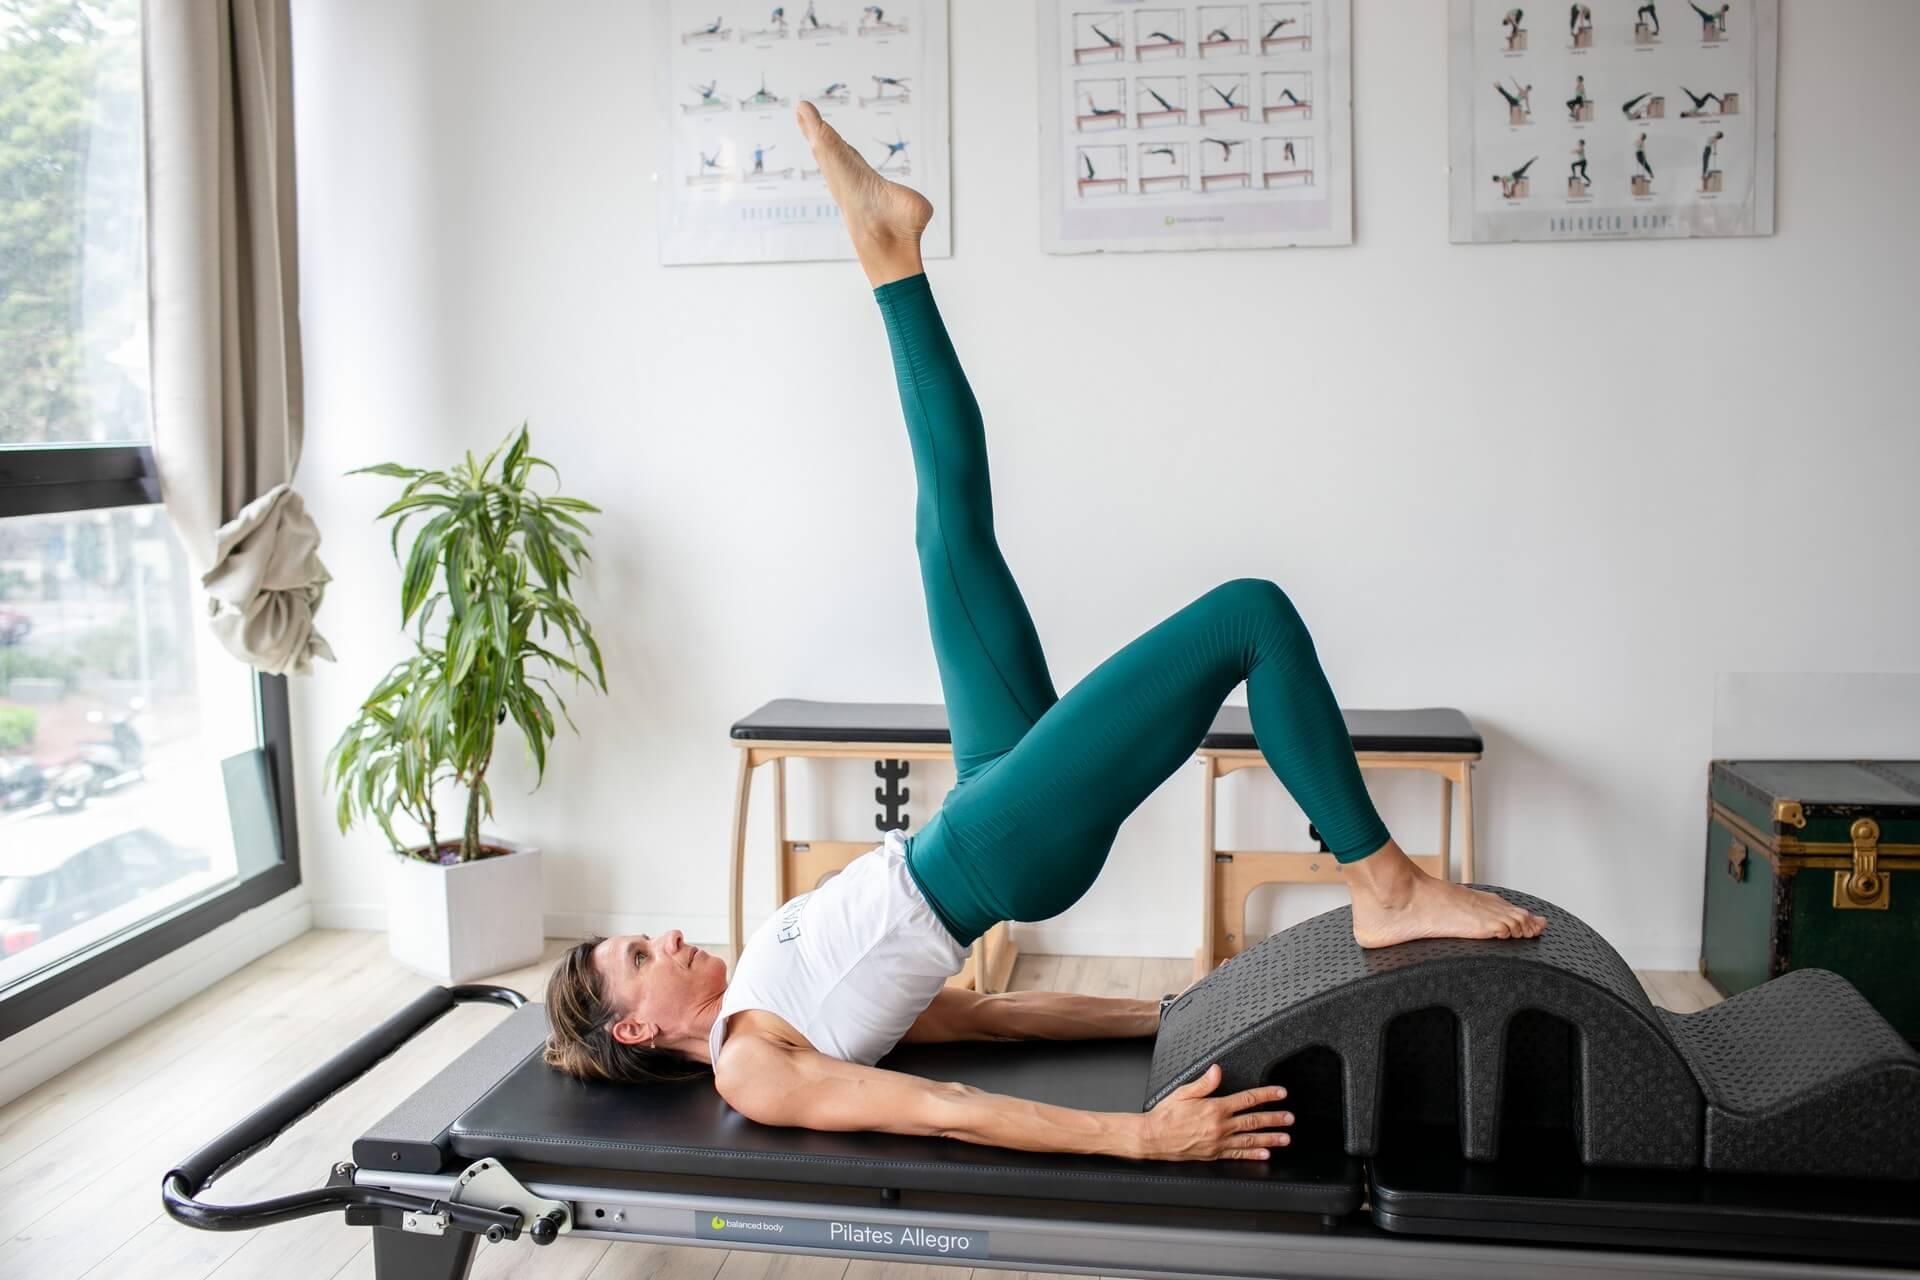 pilates rimini - pilates arc